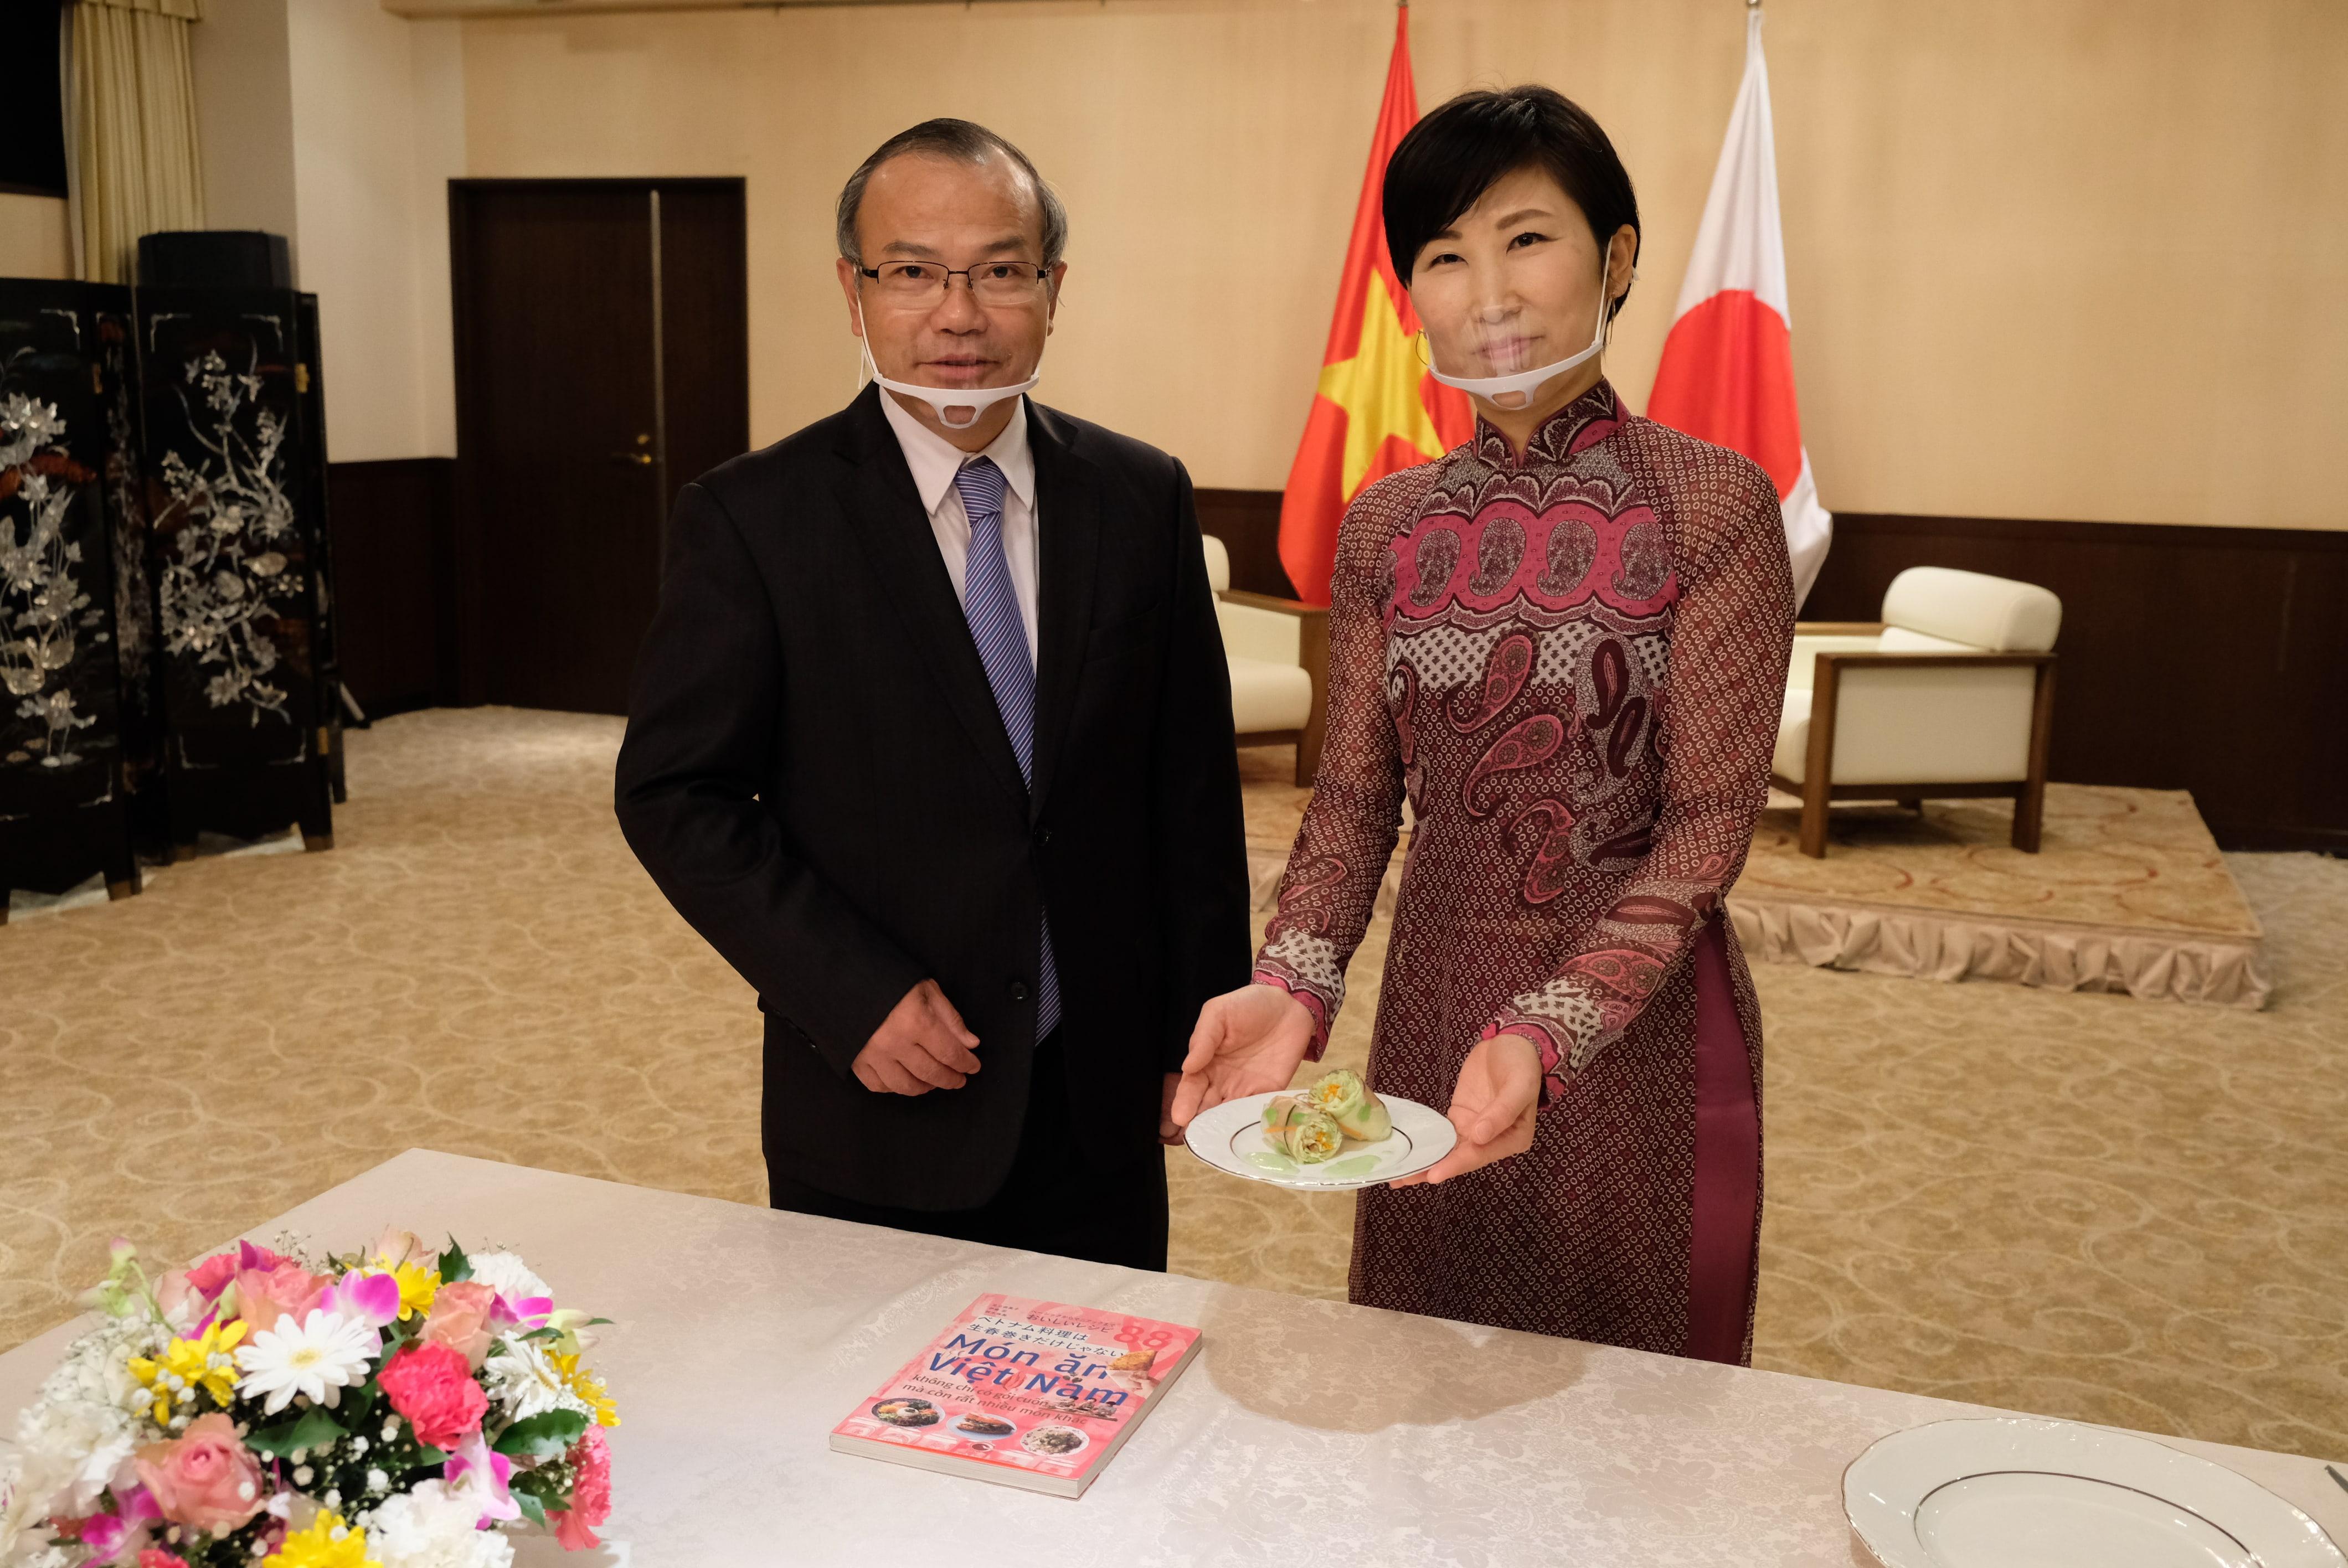 Đại sứ Vũ Hồng Nam dự sự kiện Giao lưu ẩm thực Gunma-Việt Nam